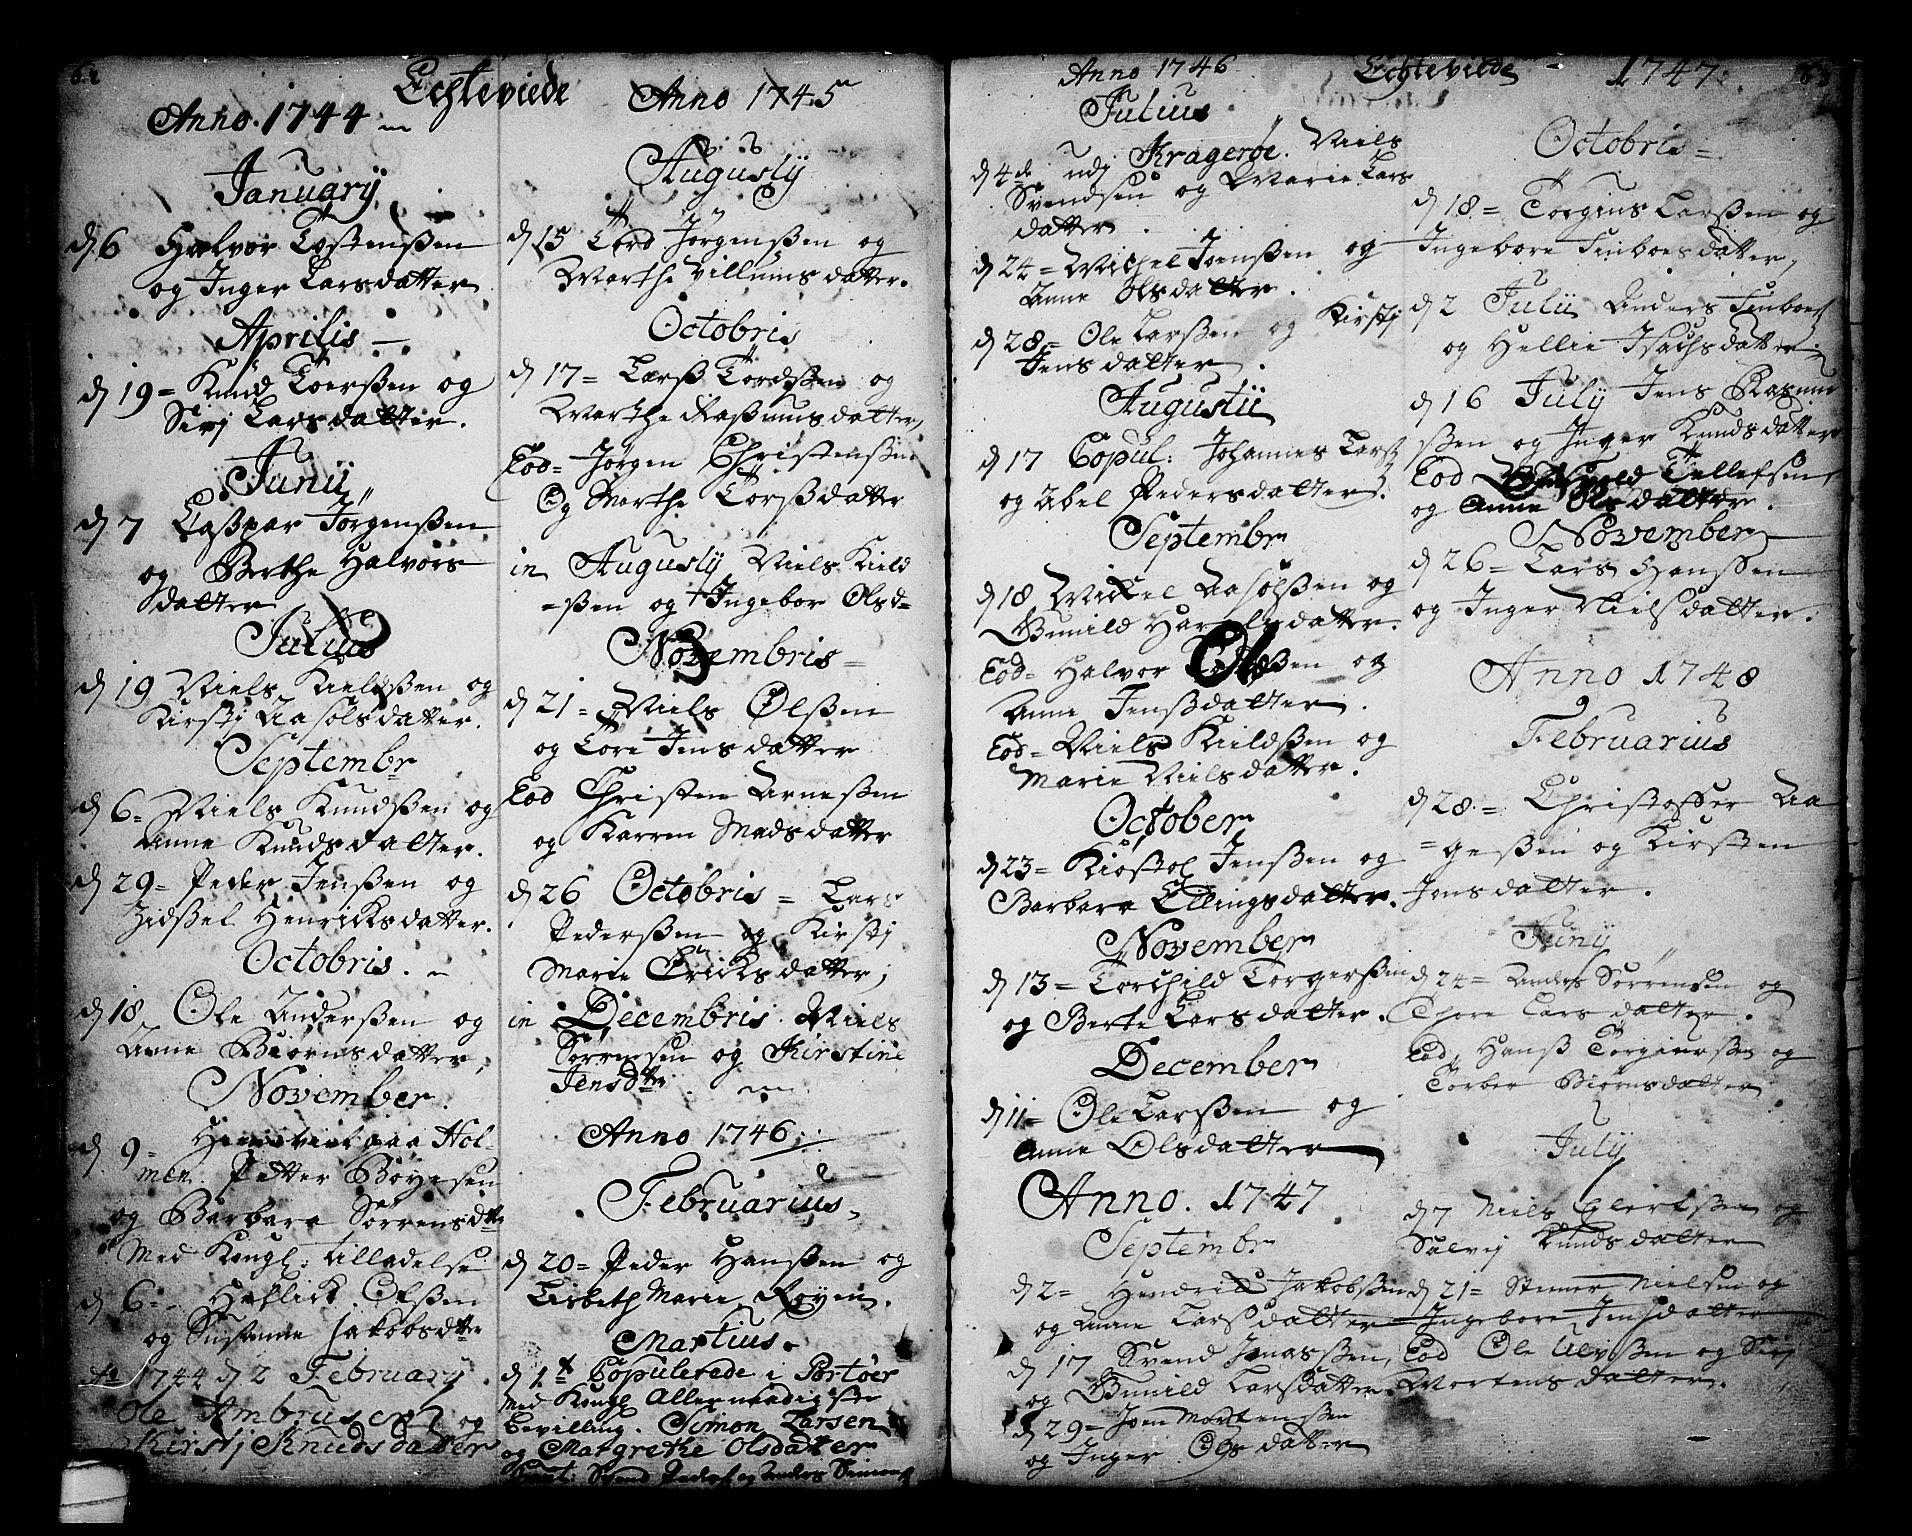 SAKO, Sannidal kirkebøker, F/Fa/L0001: Ministerialbok nr. 1, 1702-1766, s. 62-63